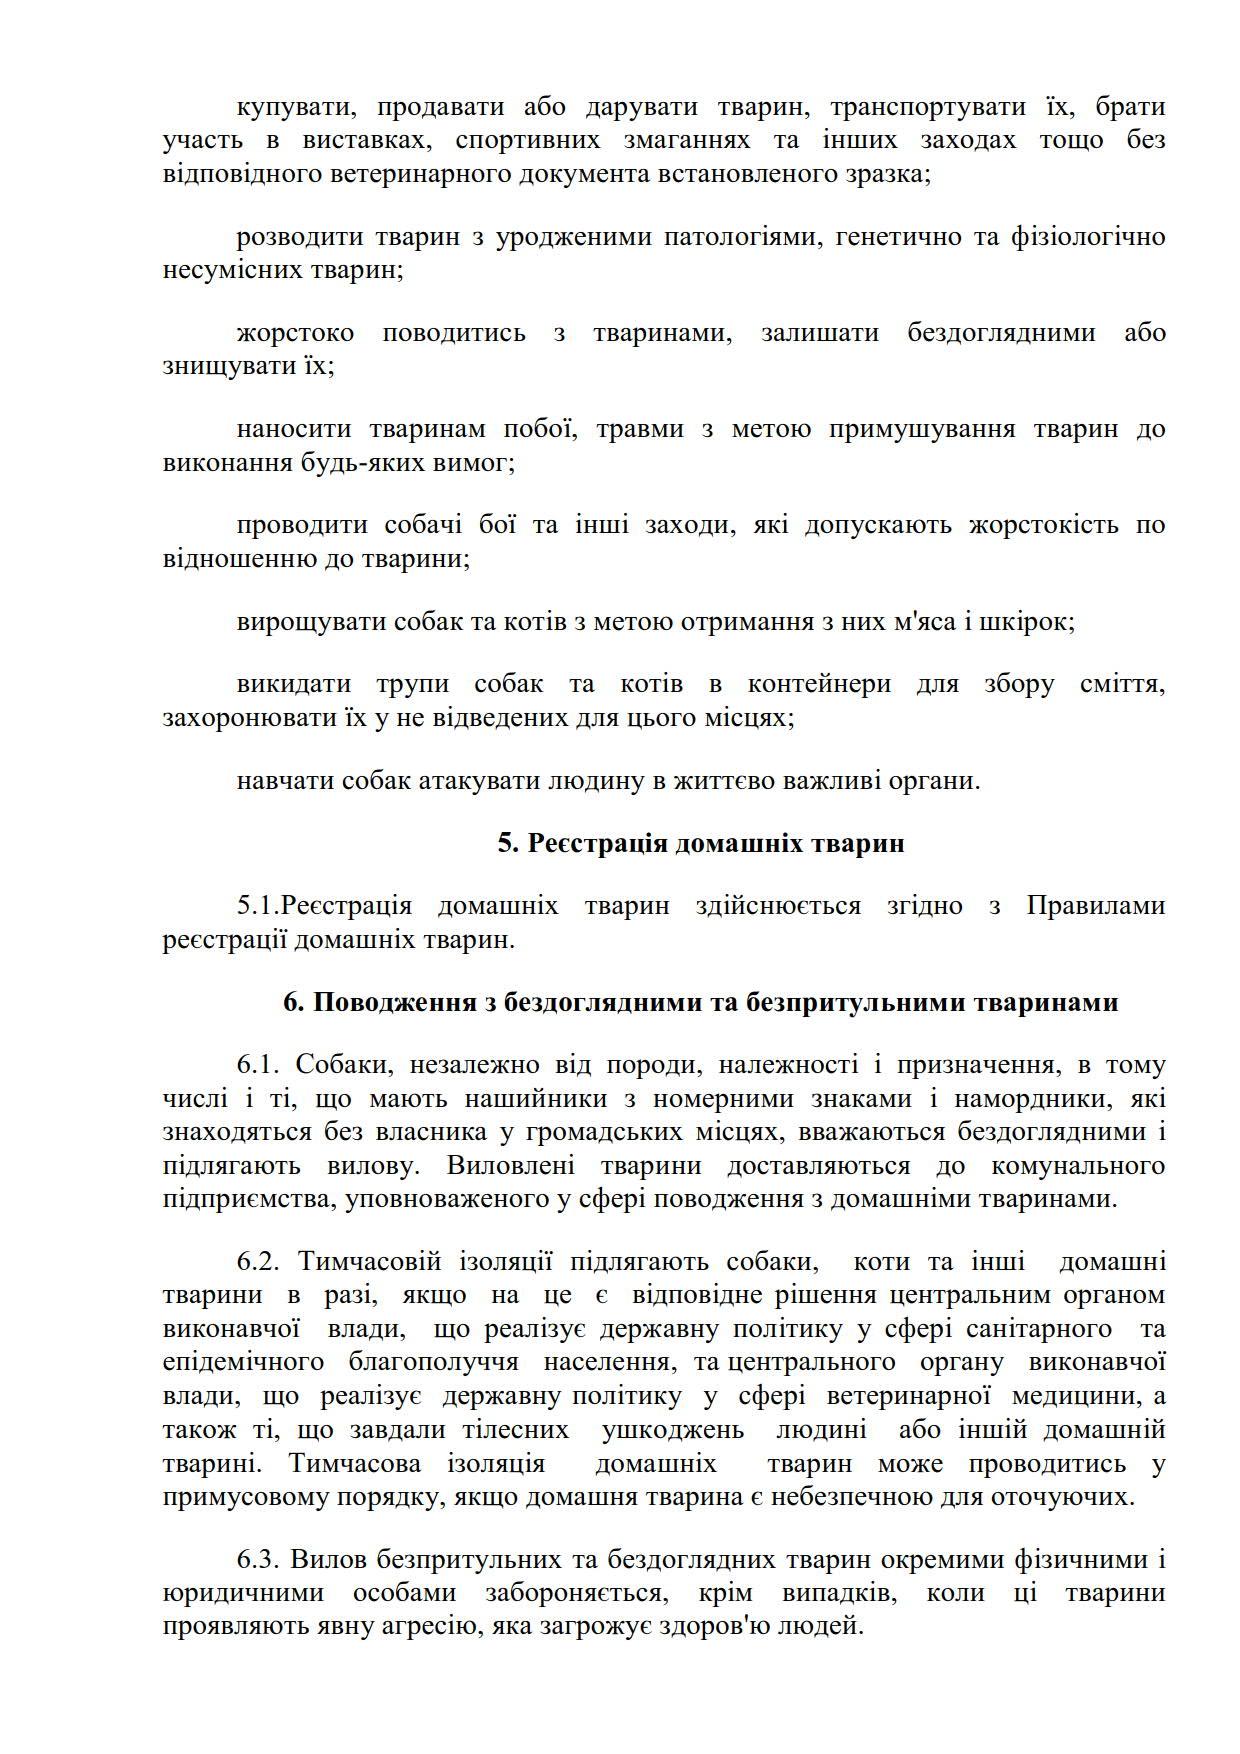 Правила утримання домашніх тварин коломак нов_10